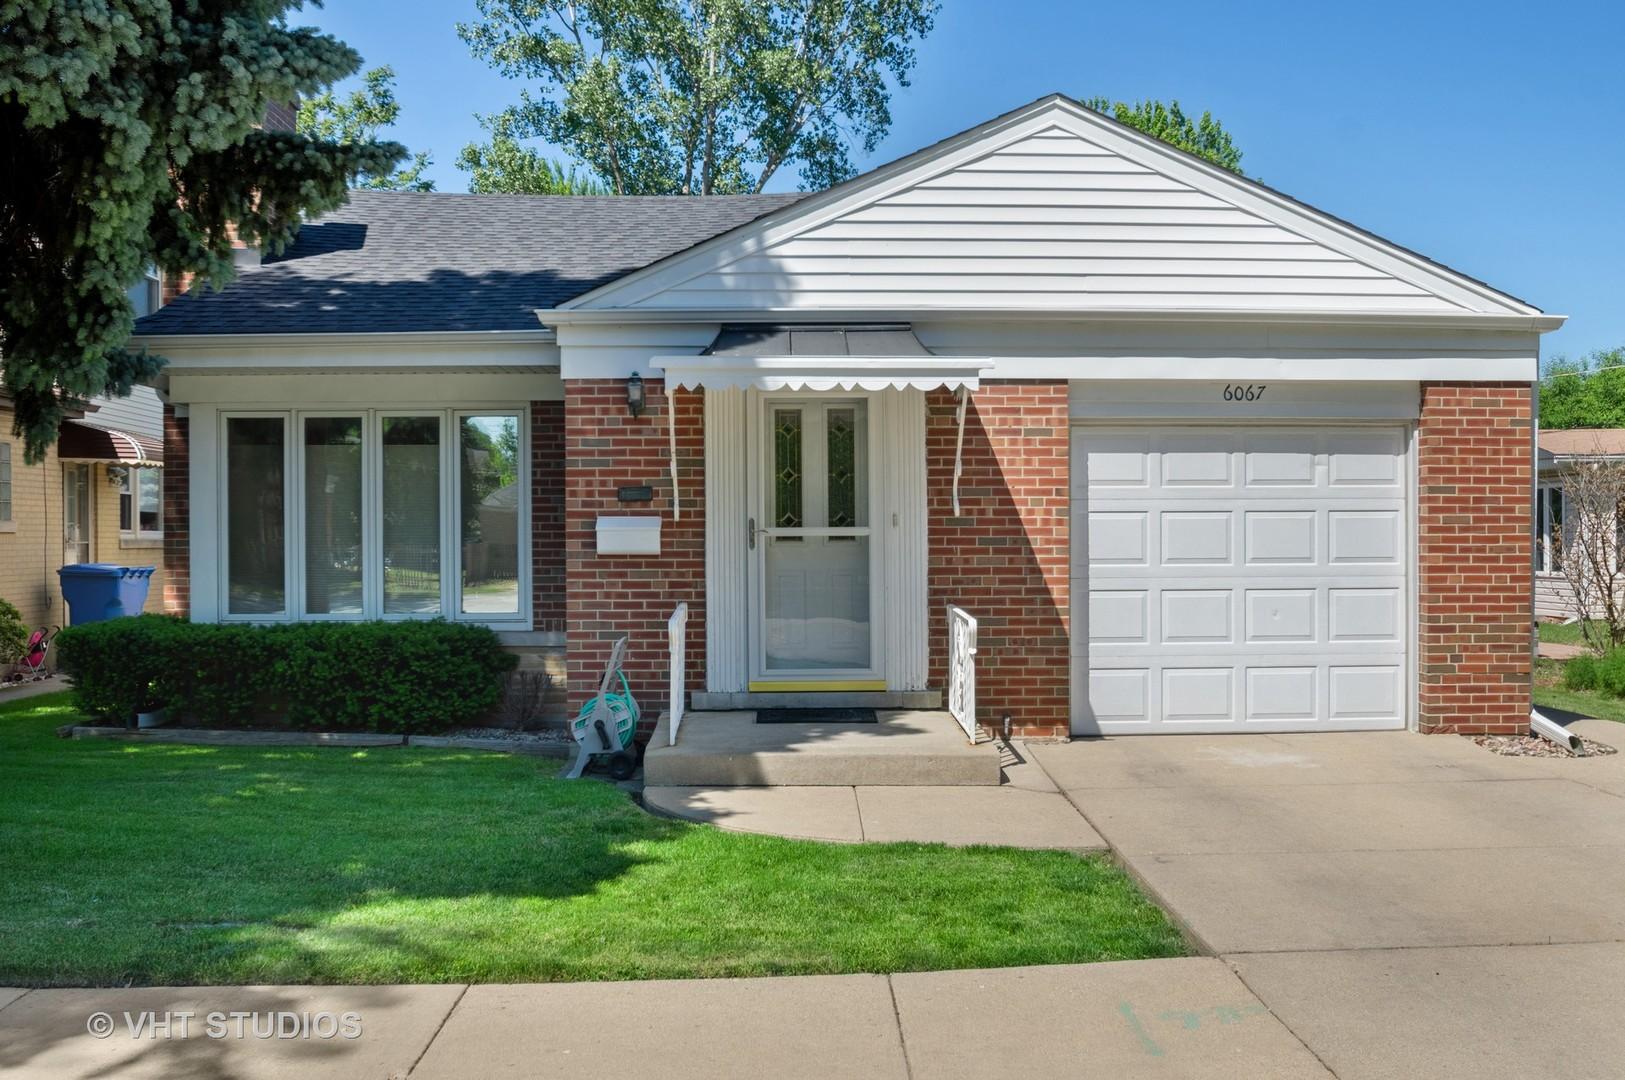 6067 N Caldwell Exterior Photo